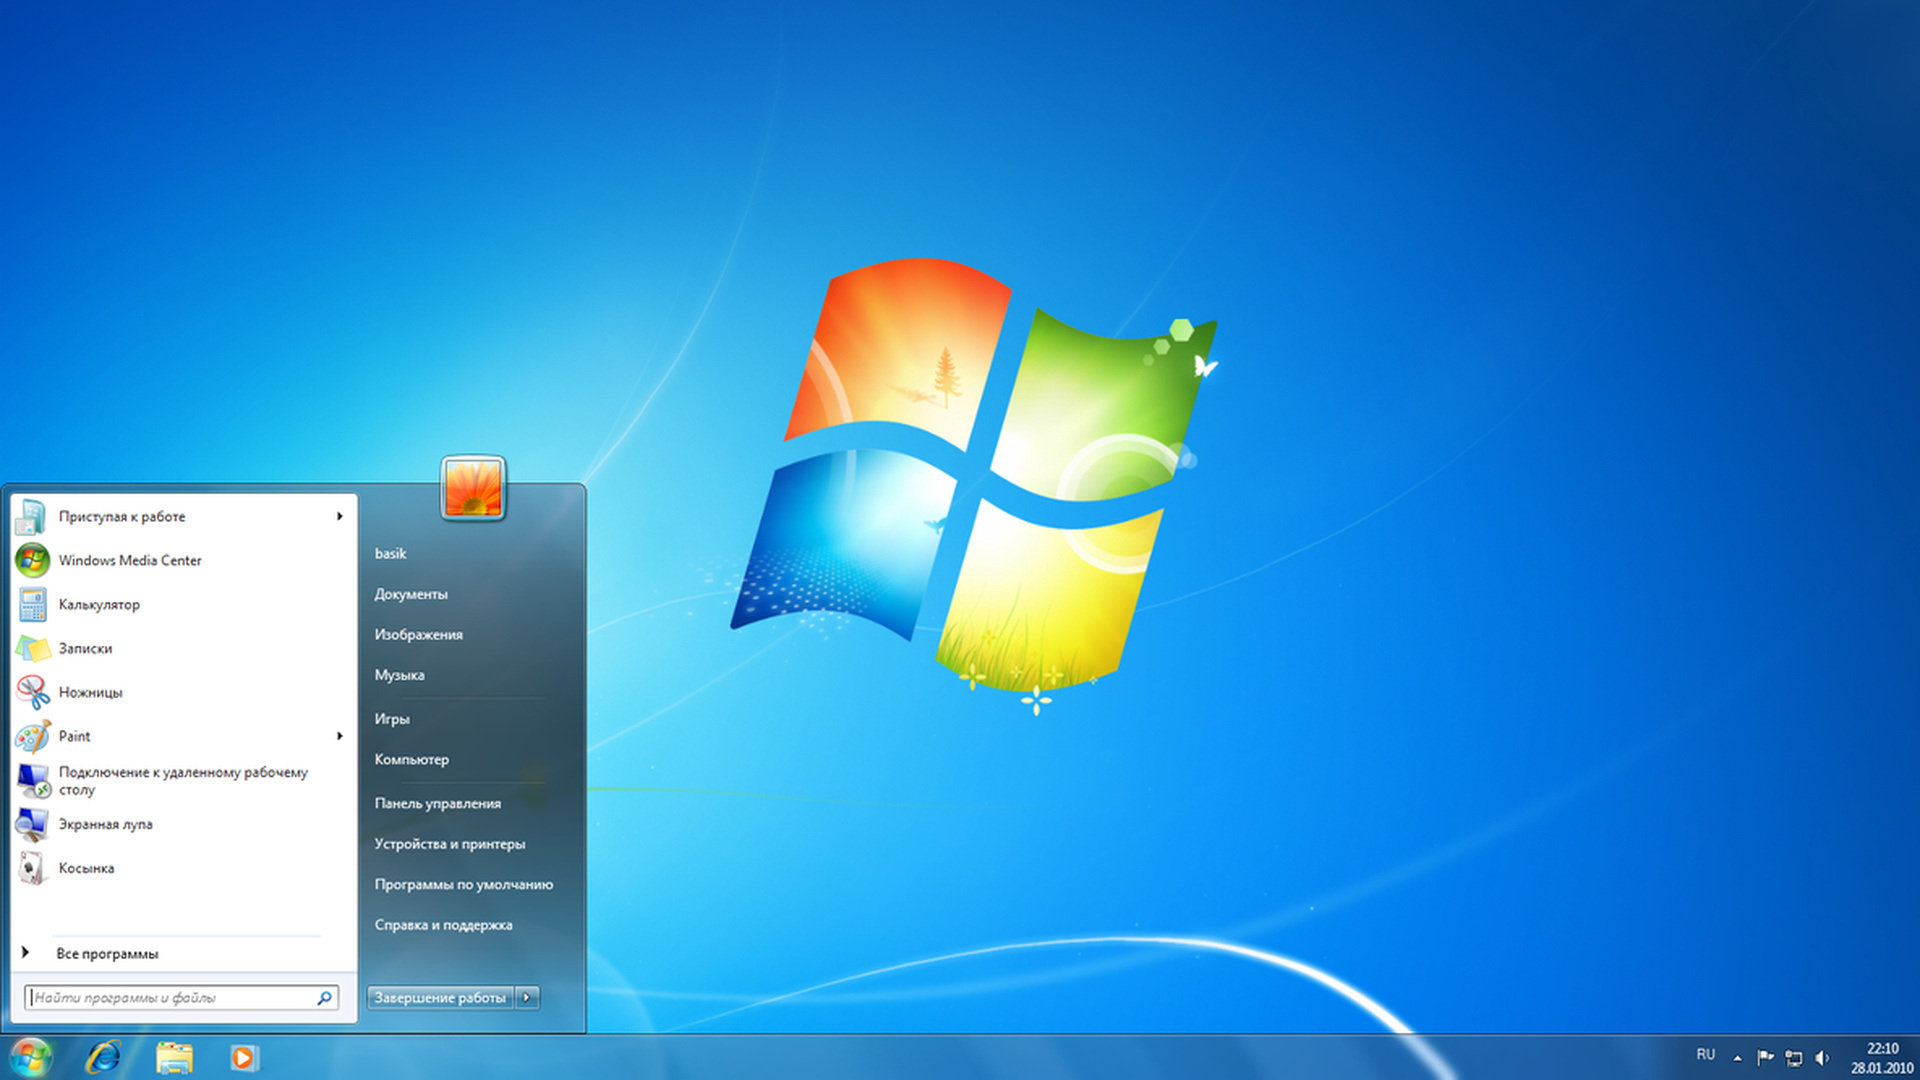 Эксперт разъяснил, нужно ли покупать новый компьютер под Windows 10 после «смерти» Windows 7